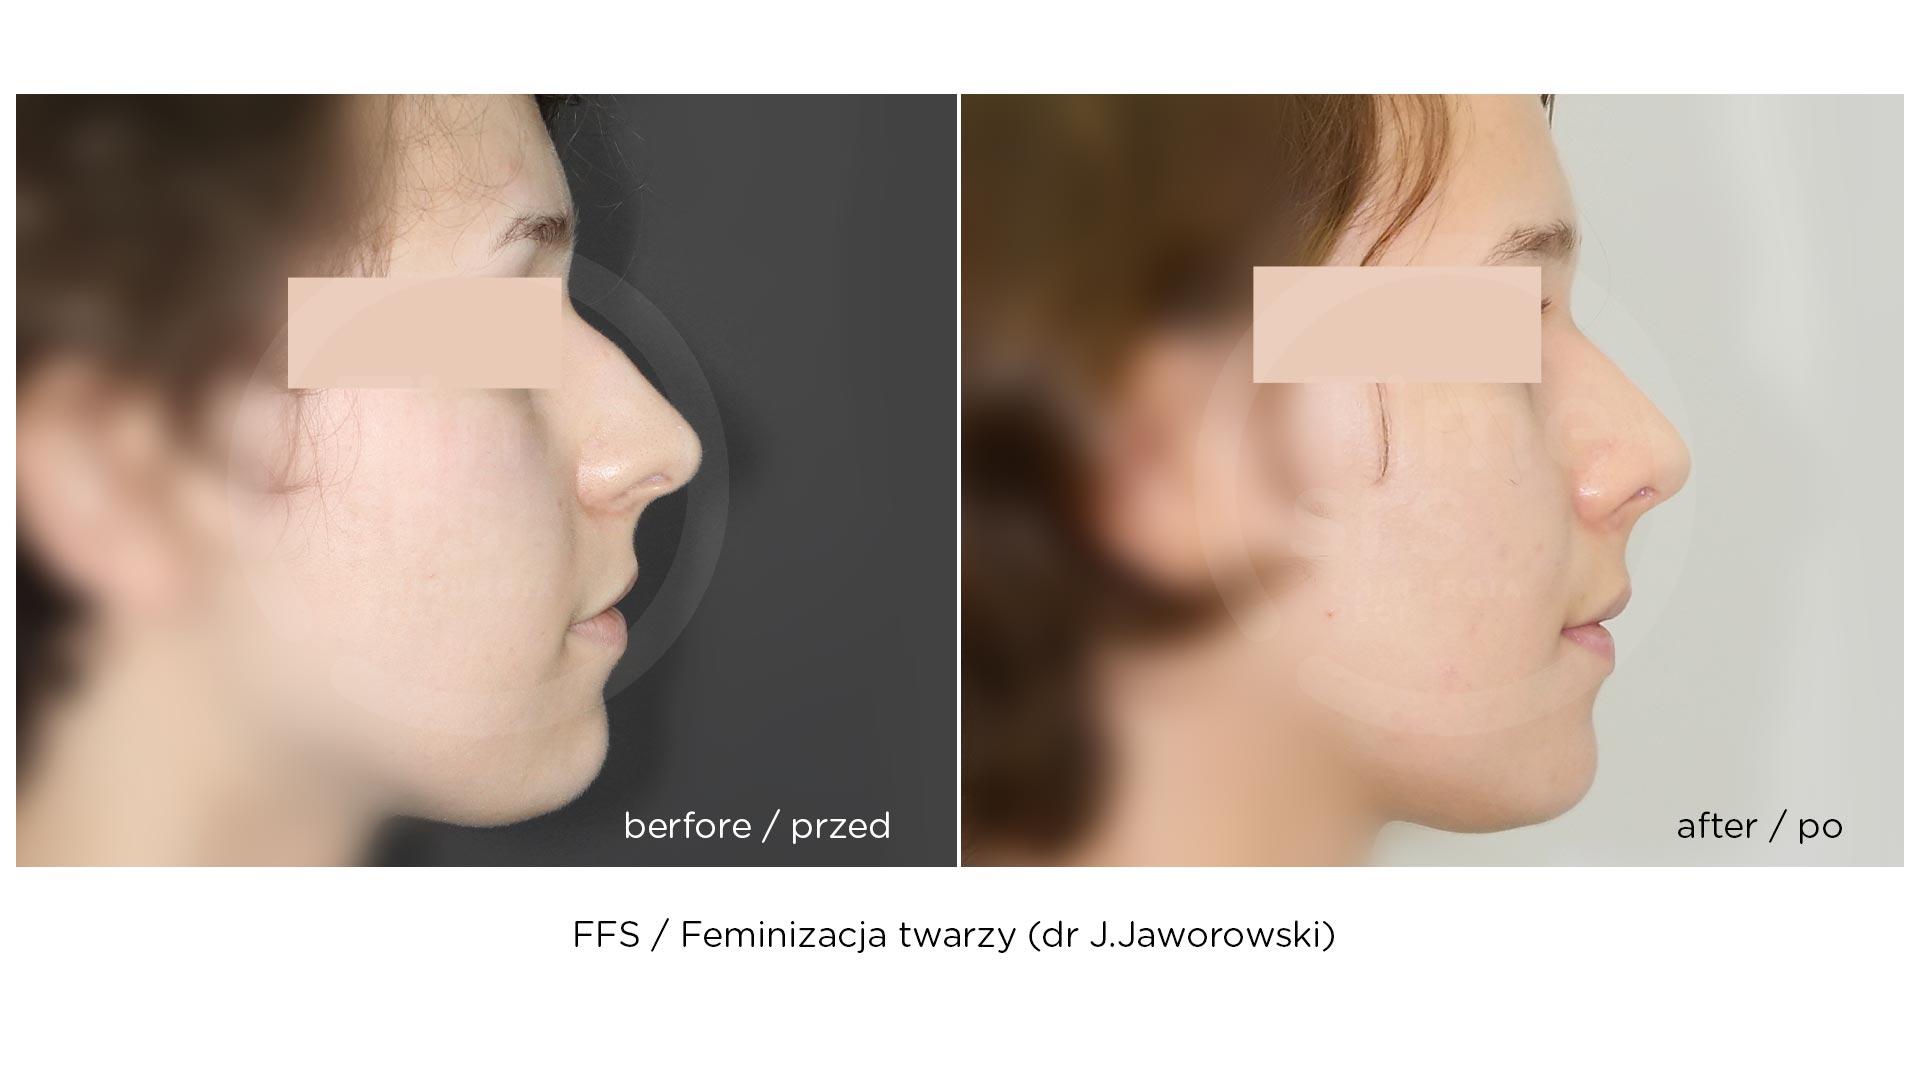 FFS-feminizacja-twarzy-chirurgiaplci